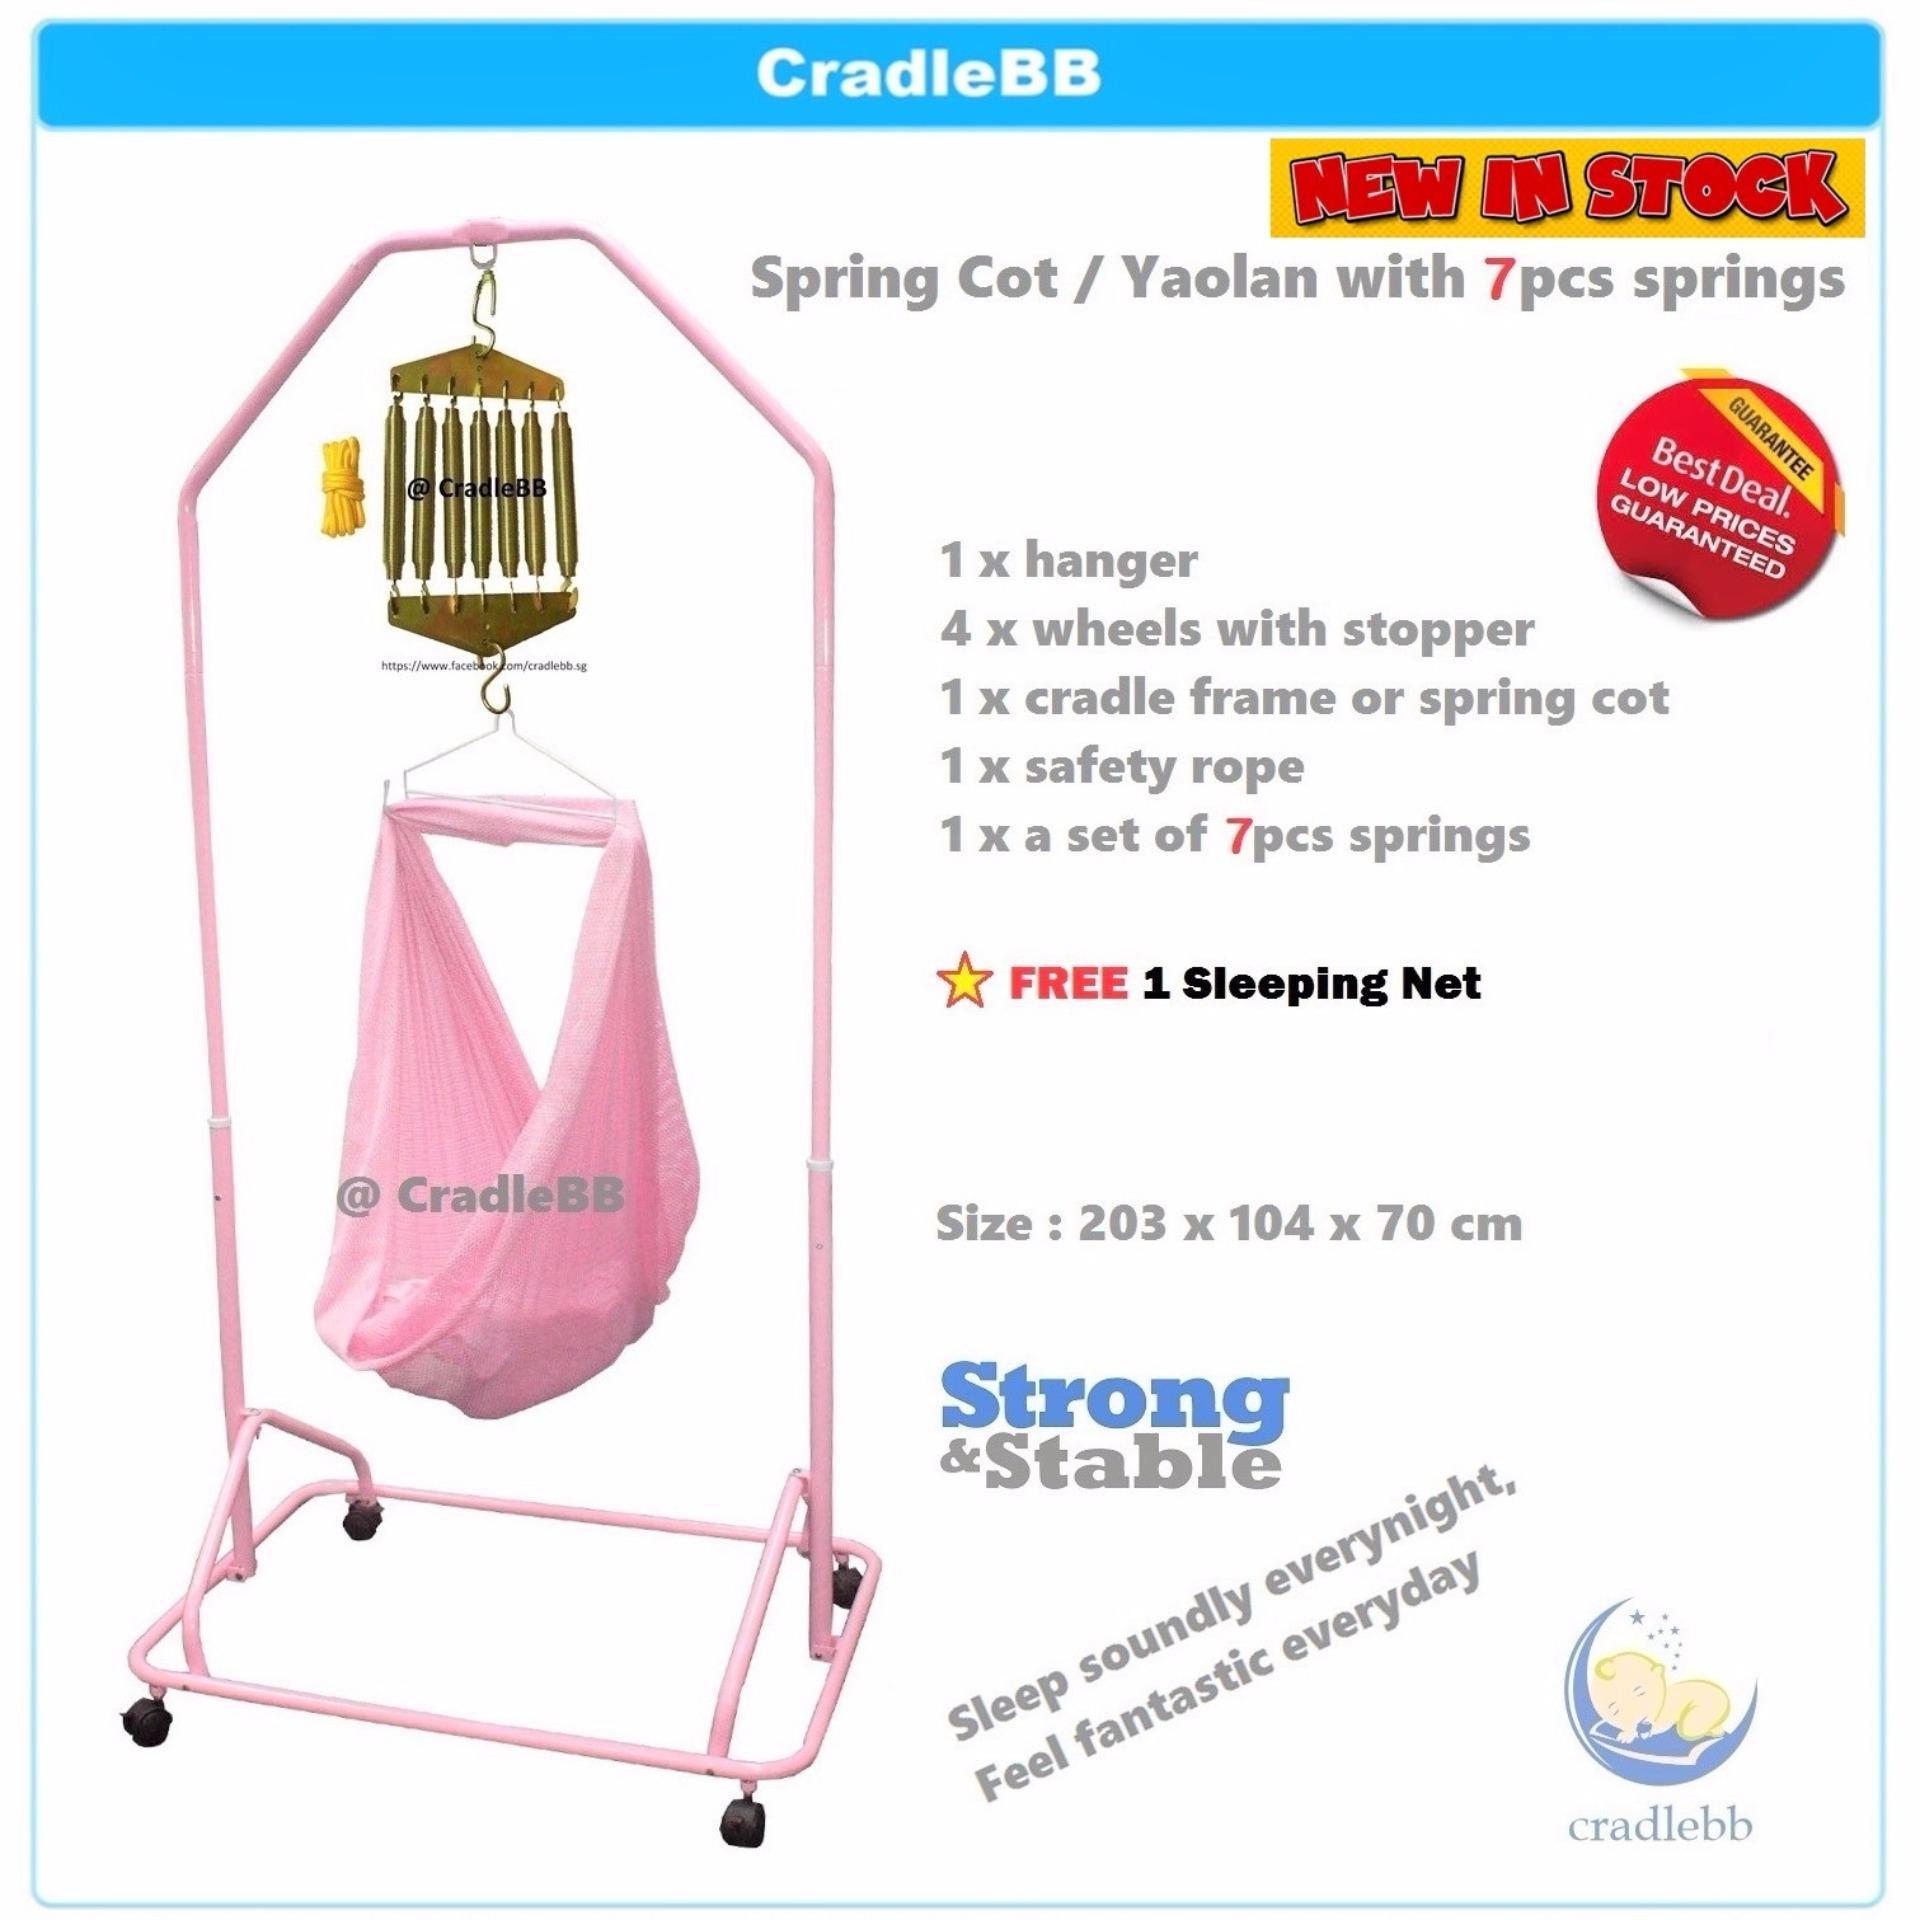 Baby Cradle/ Spring Cot/ Yaolan/hammock + 7 Pcs Spring (free 1 Net).